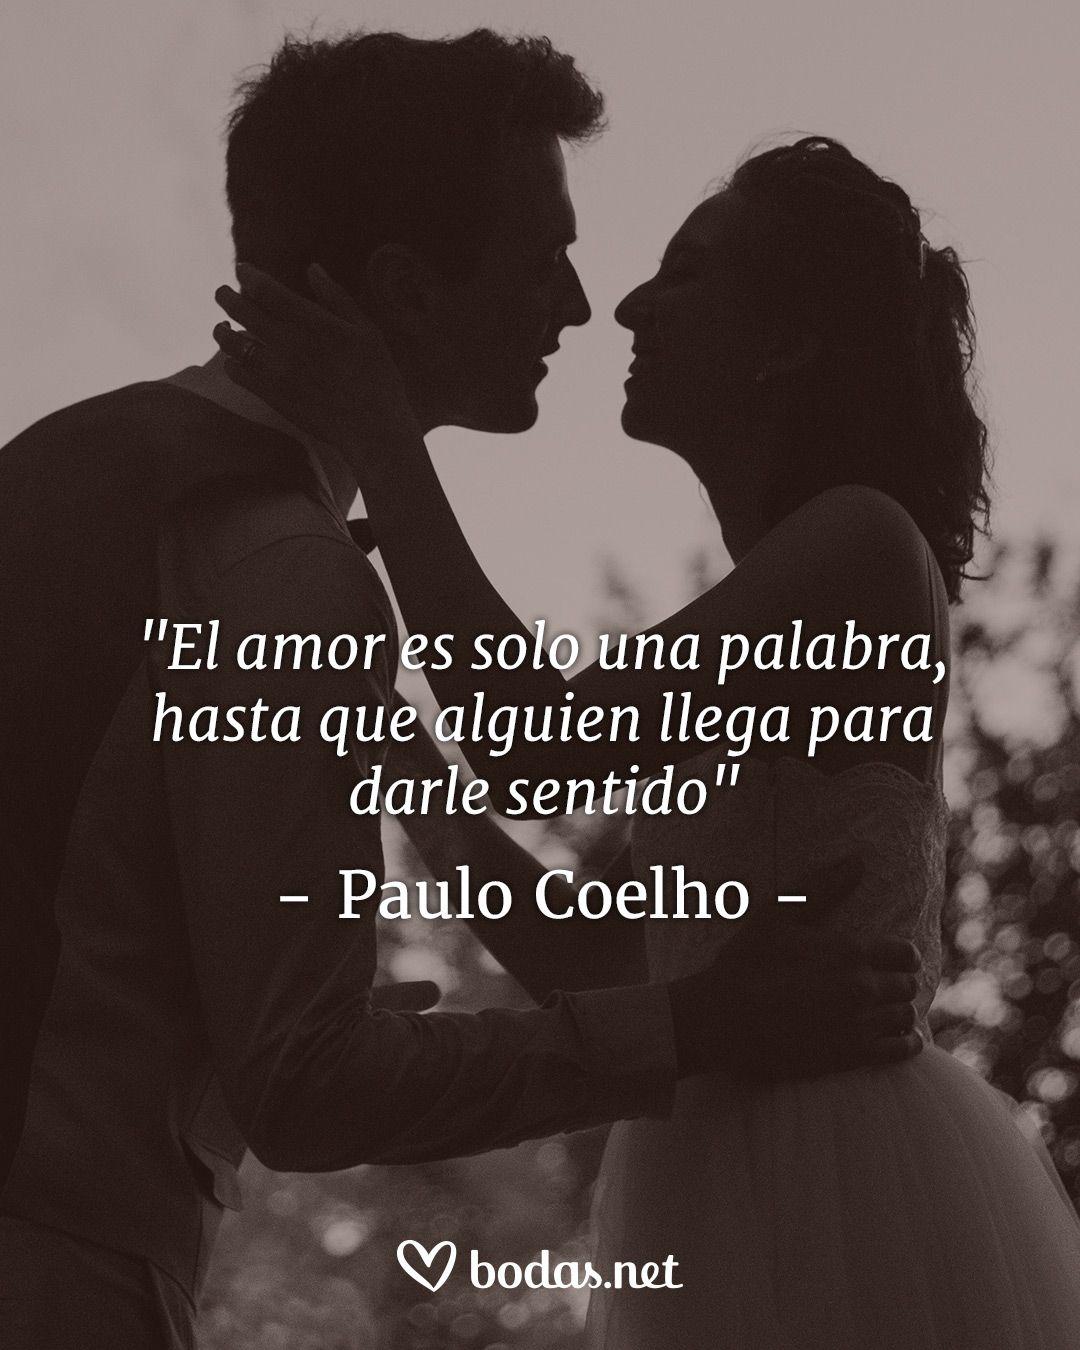 Y Paulo Coelho dijo... #bodas #bodasnet #novios #noviasespaña #bodaespaña #noscasamos #amor #españa #spain #es #novia2018 #novia2019 #pinespaña #espana #inspiración #decoraciondeboda #boda2019 #frases #dedicatorias #frasesdeamor #dedicatoriapareja #curiosidades #fotos #ideas #mundoboda #mundonovia